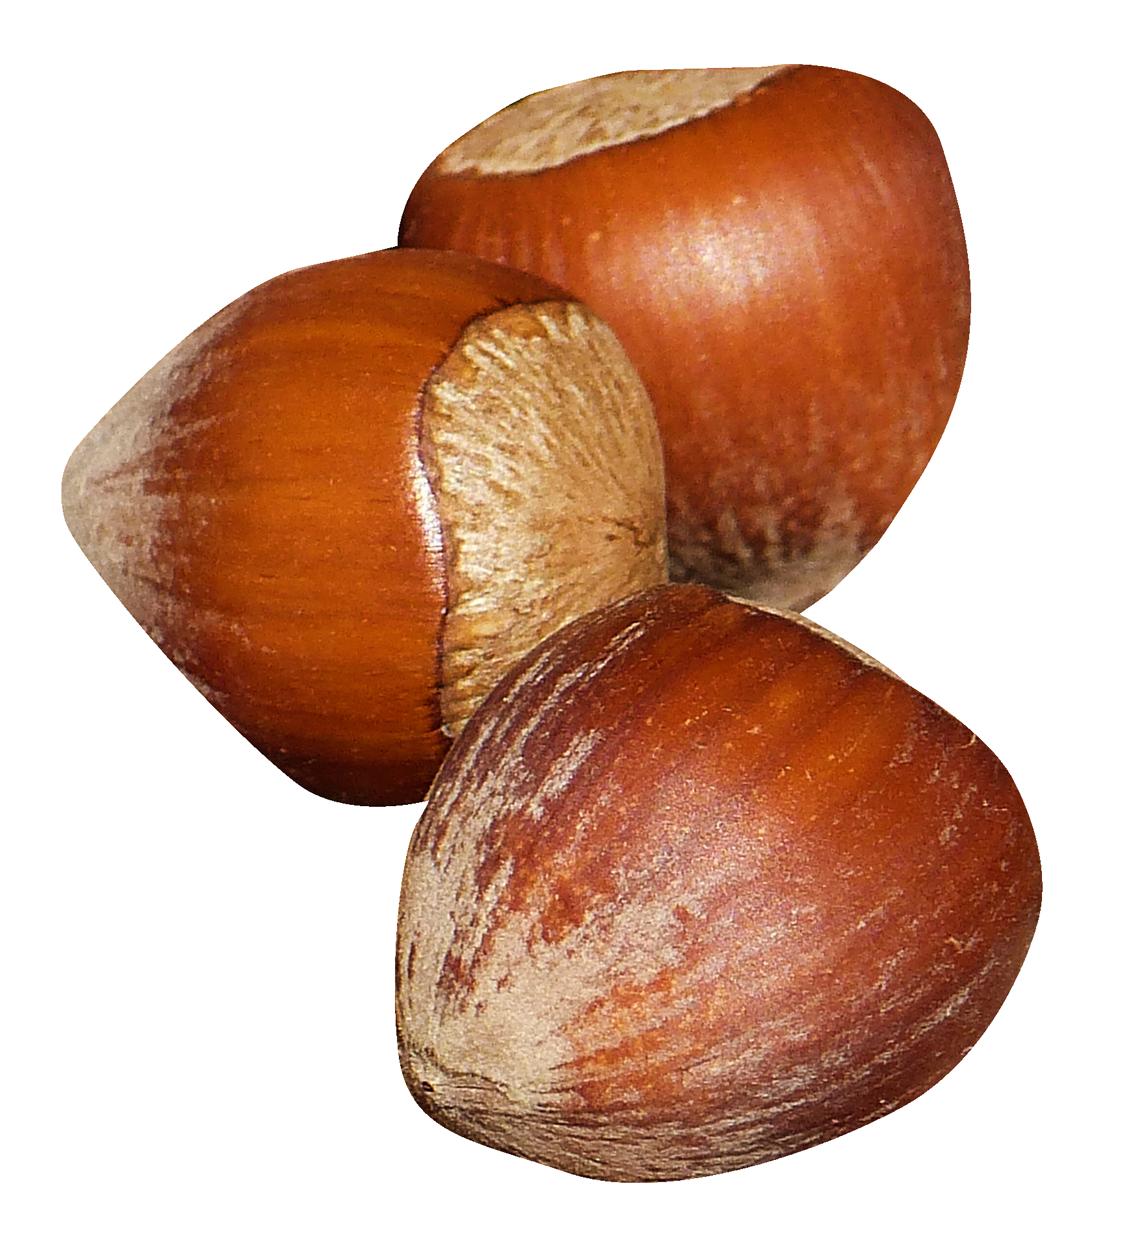 Nut clipart hazelnut. Png image pngpix